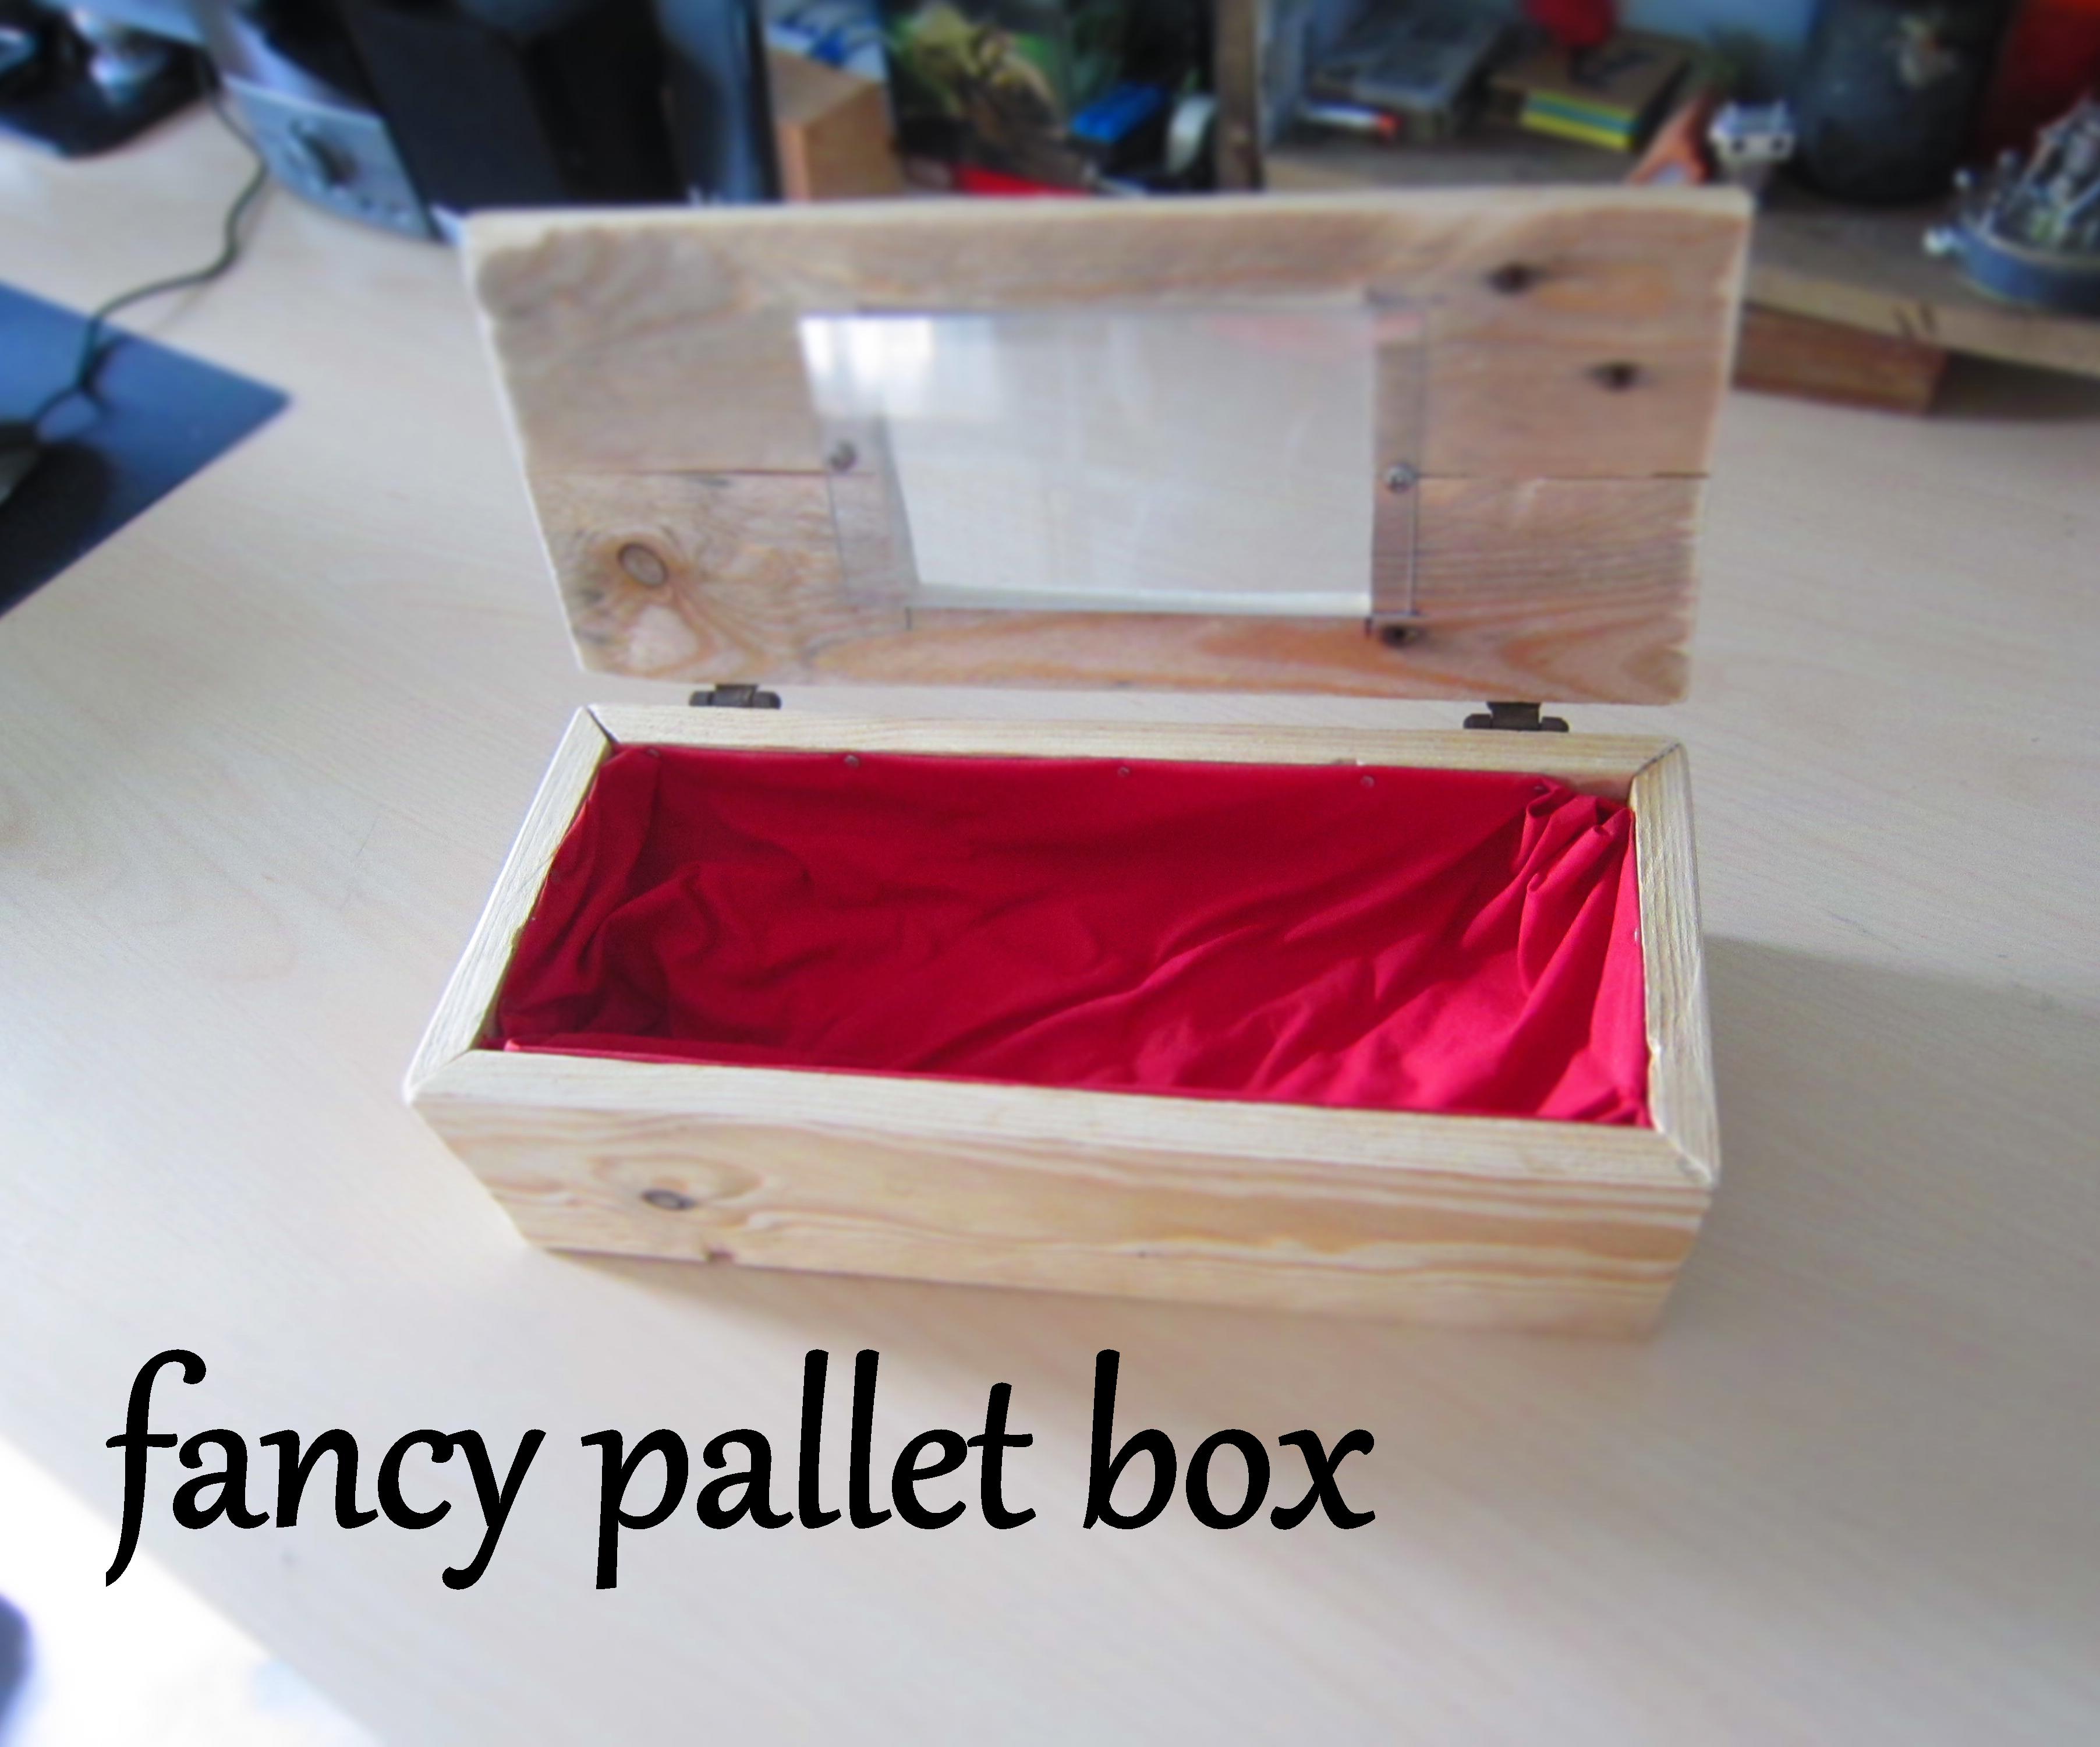 Fancy pallet box